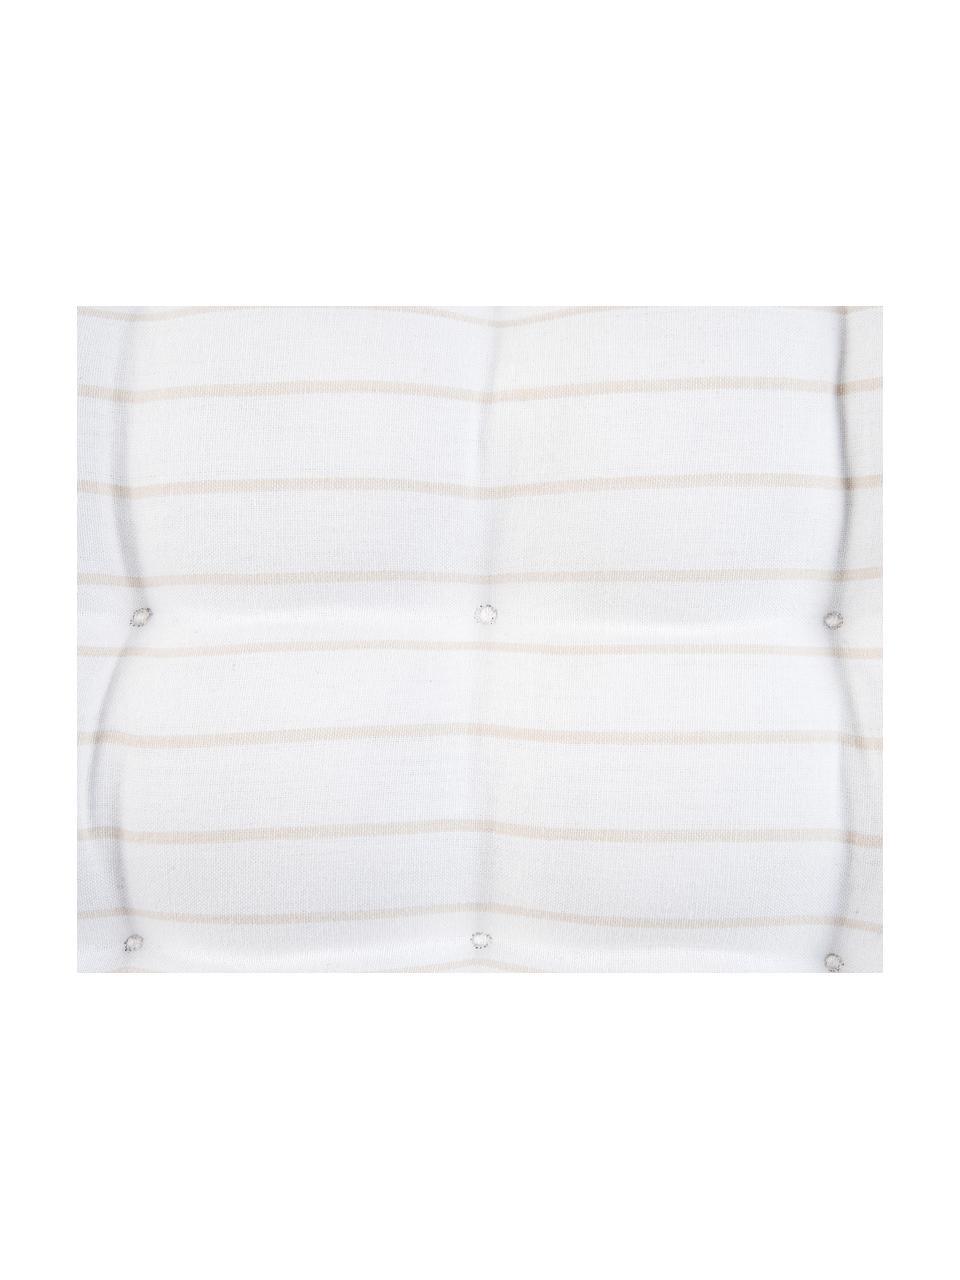 Gestreiftes Sitzkissen Ludmilla, Beige, Cremeweiß, 40 x 40 cm